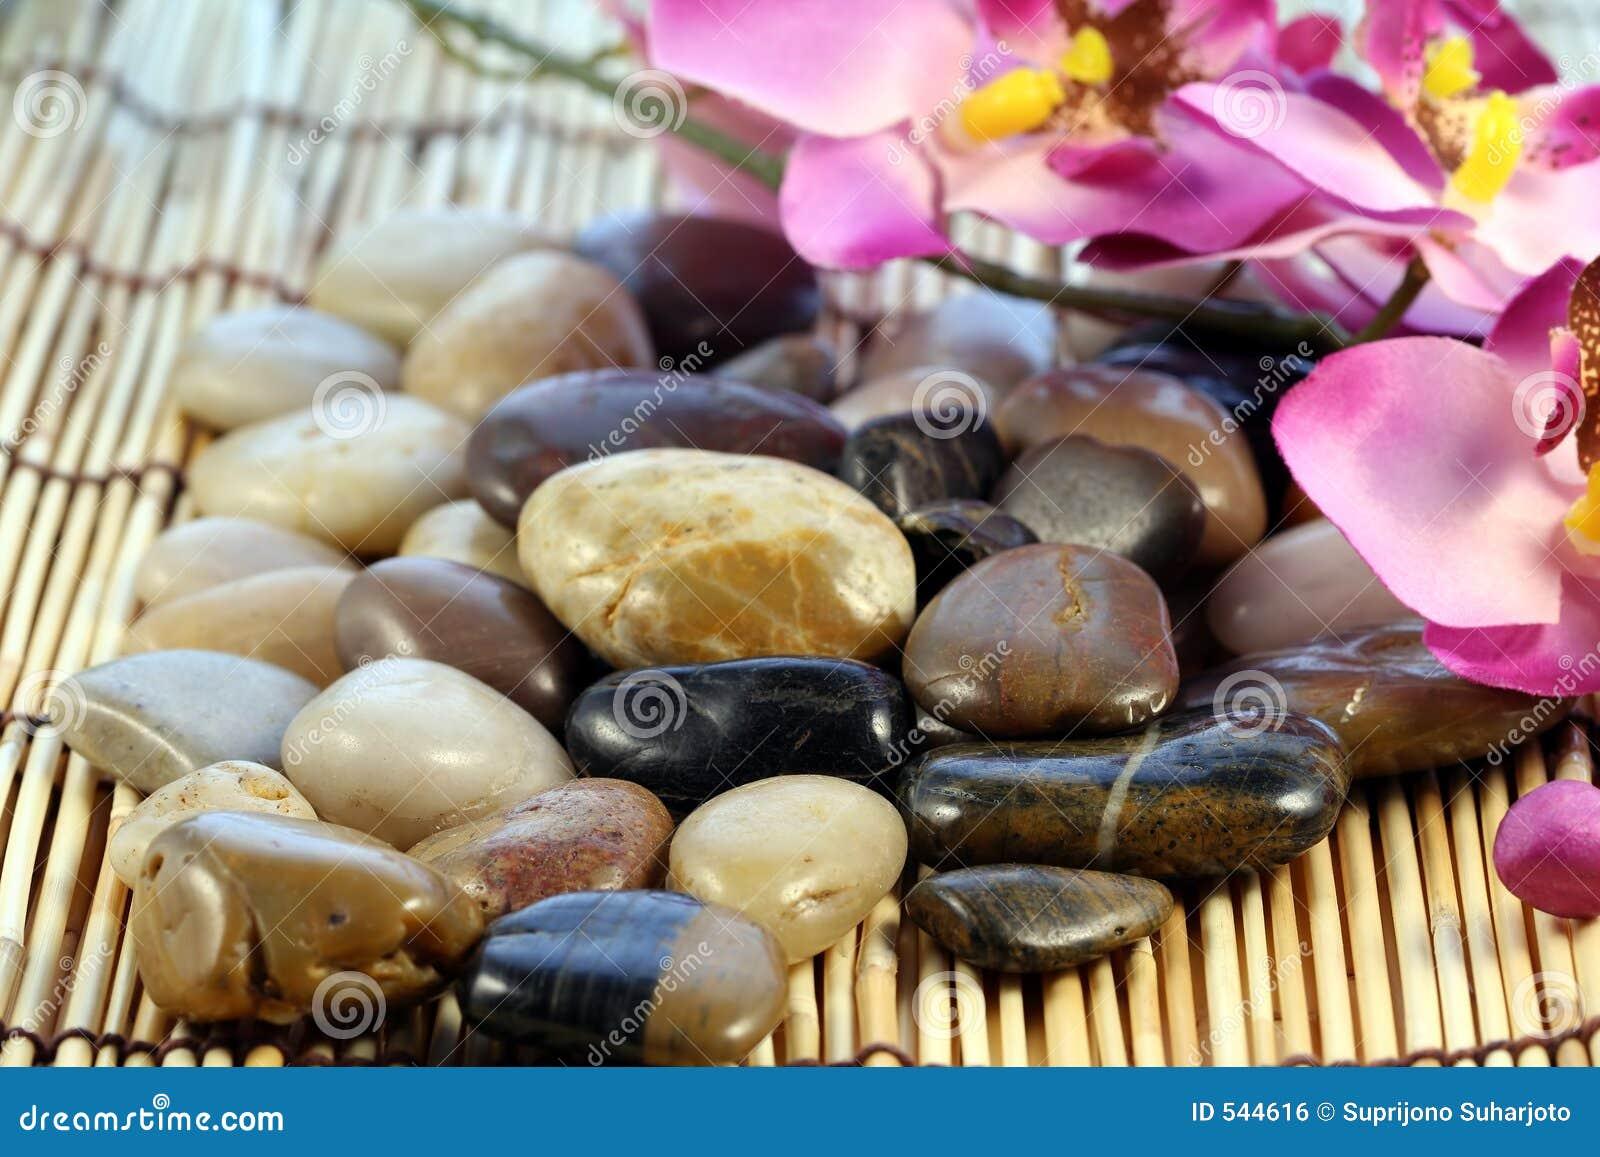 Download 向禅宗扔石头 库存照片. 图片 包括有 波儿地克的, 石头, 平安, 安静, 聚会所, 沉寂, 禅宗, 和平 - 544616